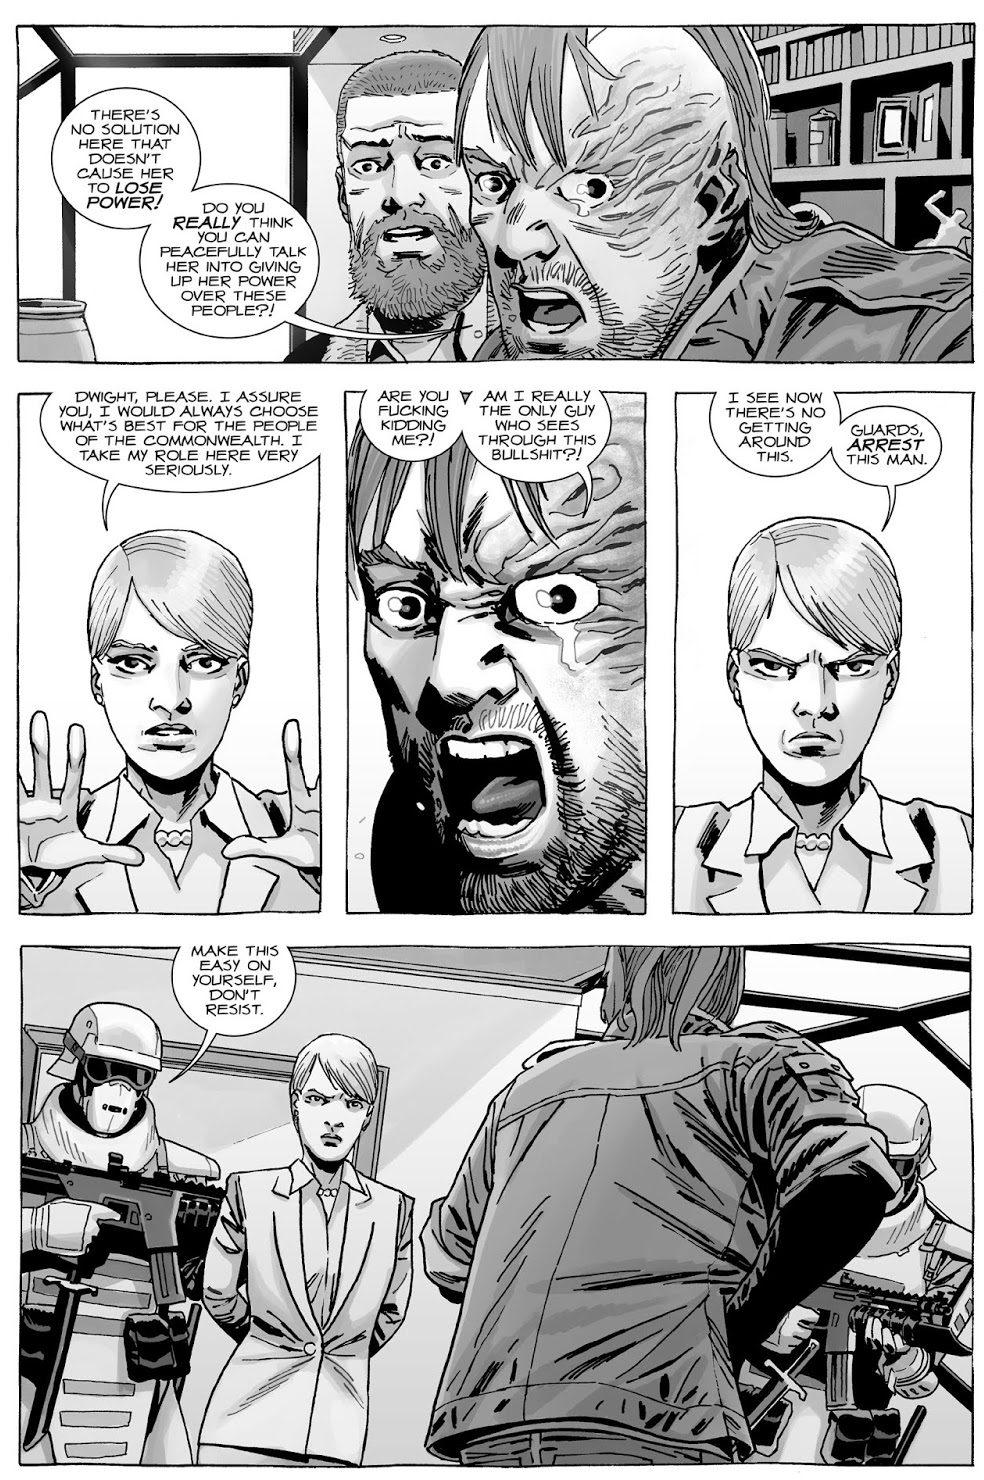 Rick Grimes Kills Dwight (The Walking Dead)